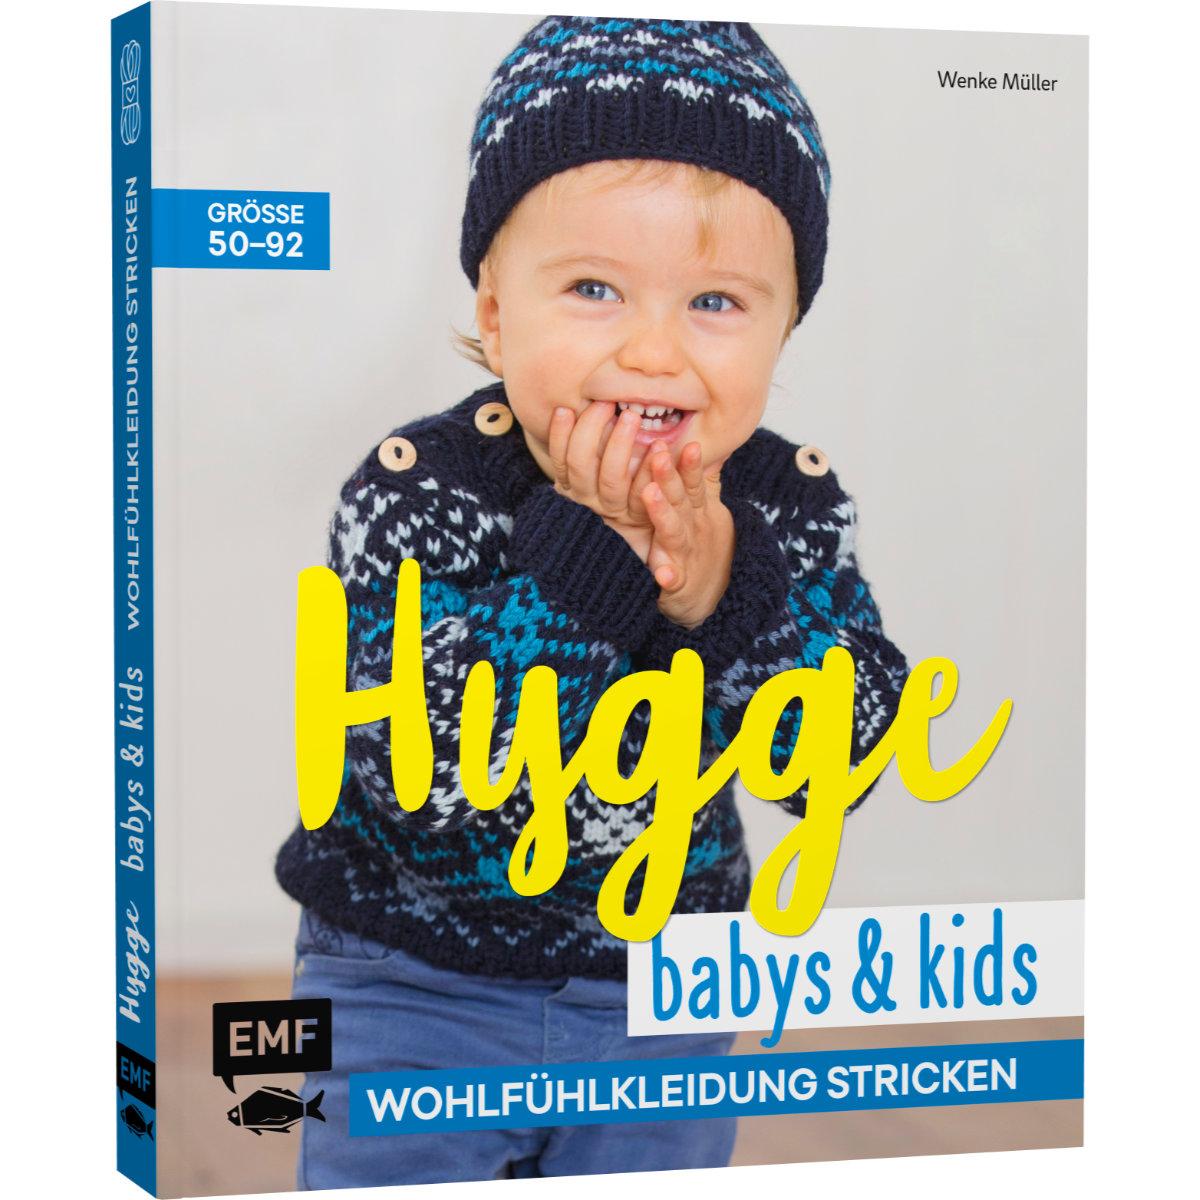 Hygge Babys Und Kids Wohlfühlkleidung Stricken